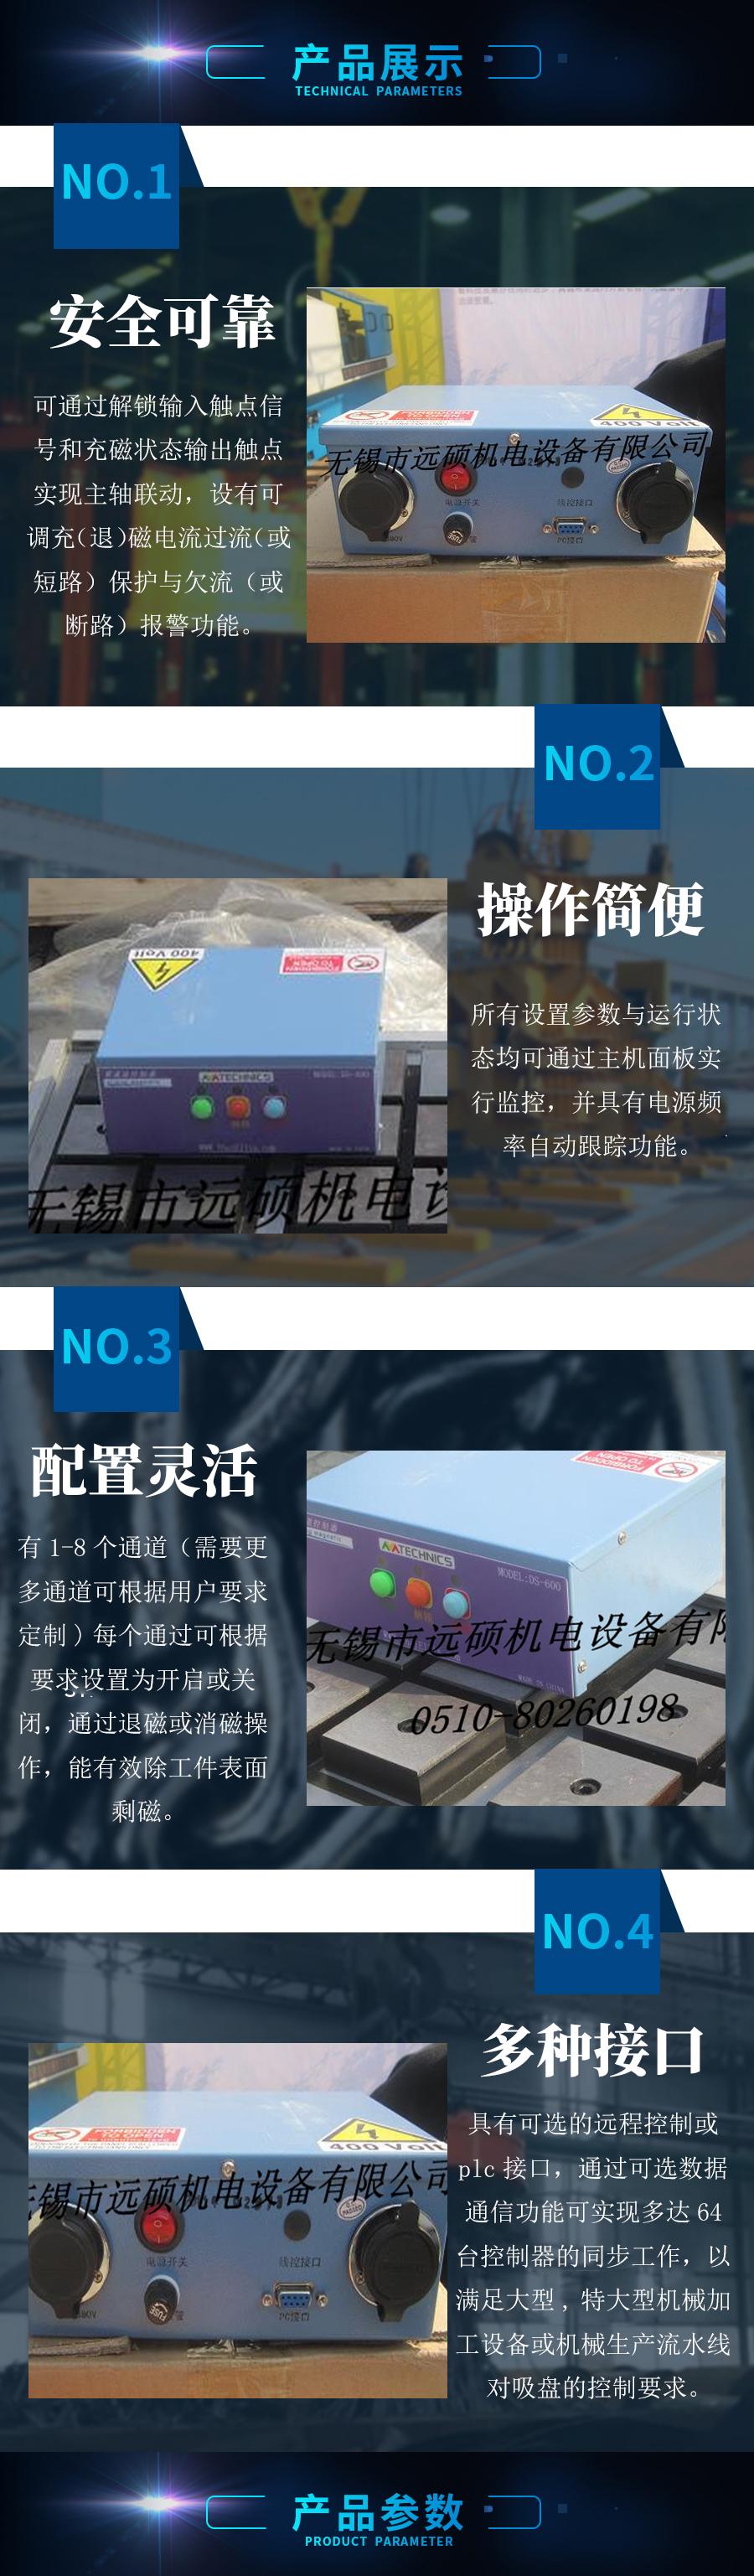 电永磁吸盘控制器.jpg